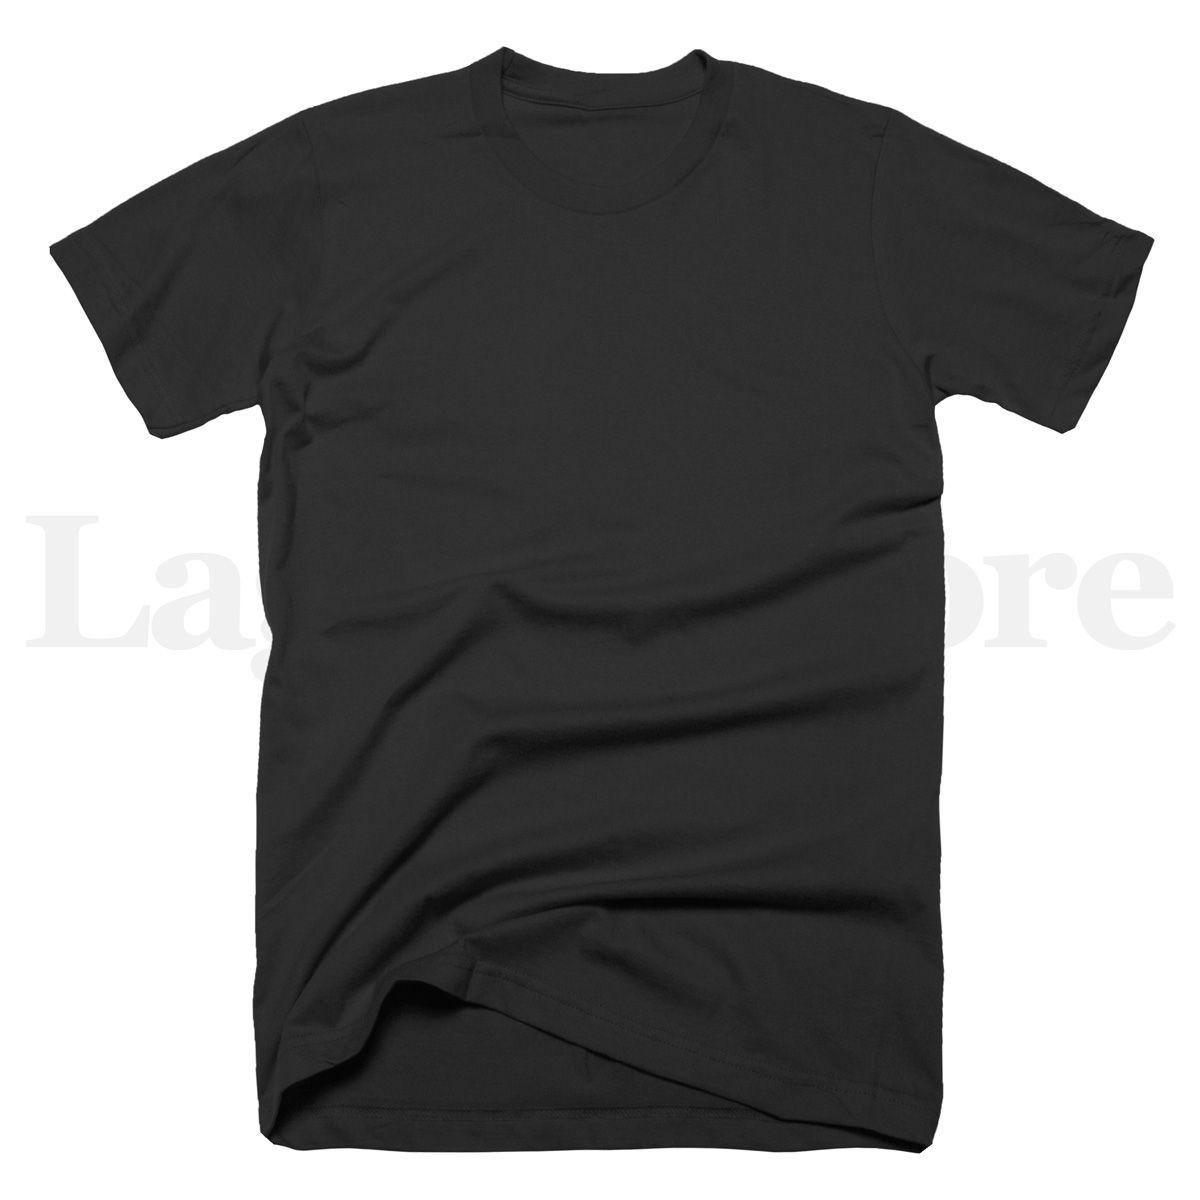 Desain t shirt jkt48 - Uni Cotton Black Uni Cotton Adalah Seri Pakaian Yang Dibuat Untuk Wanita Dan Pria Minimalis